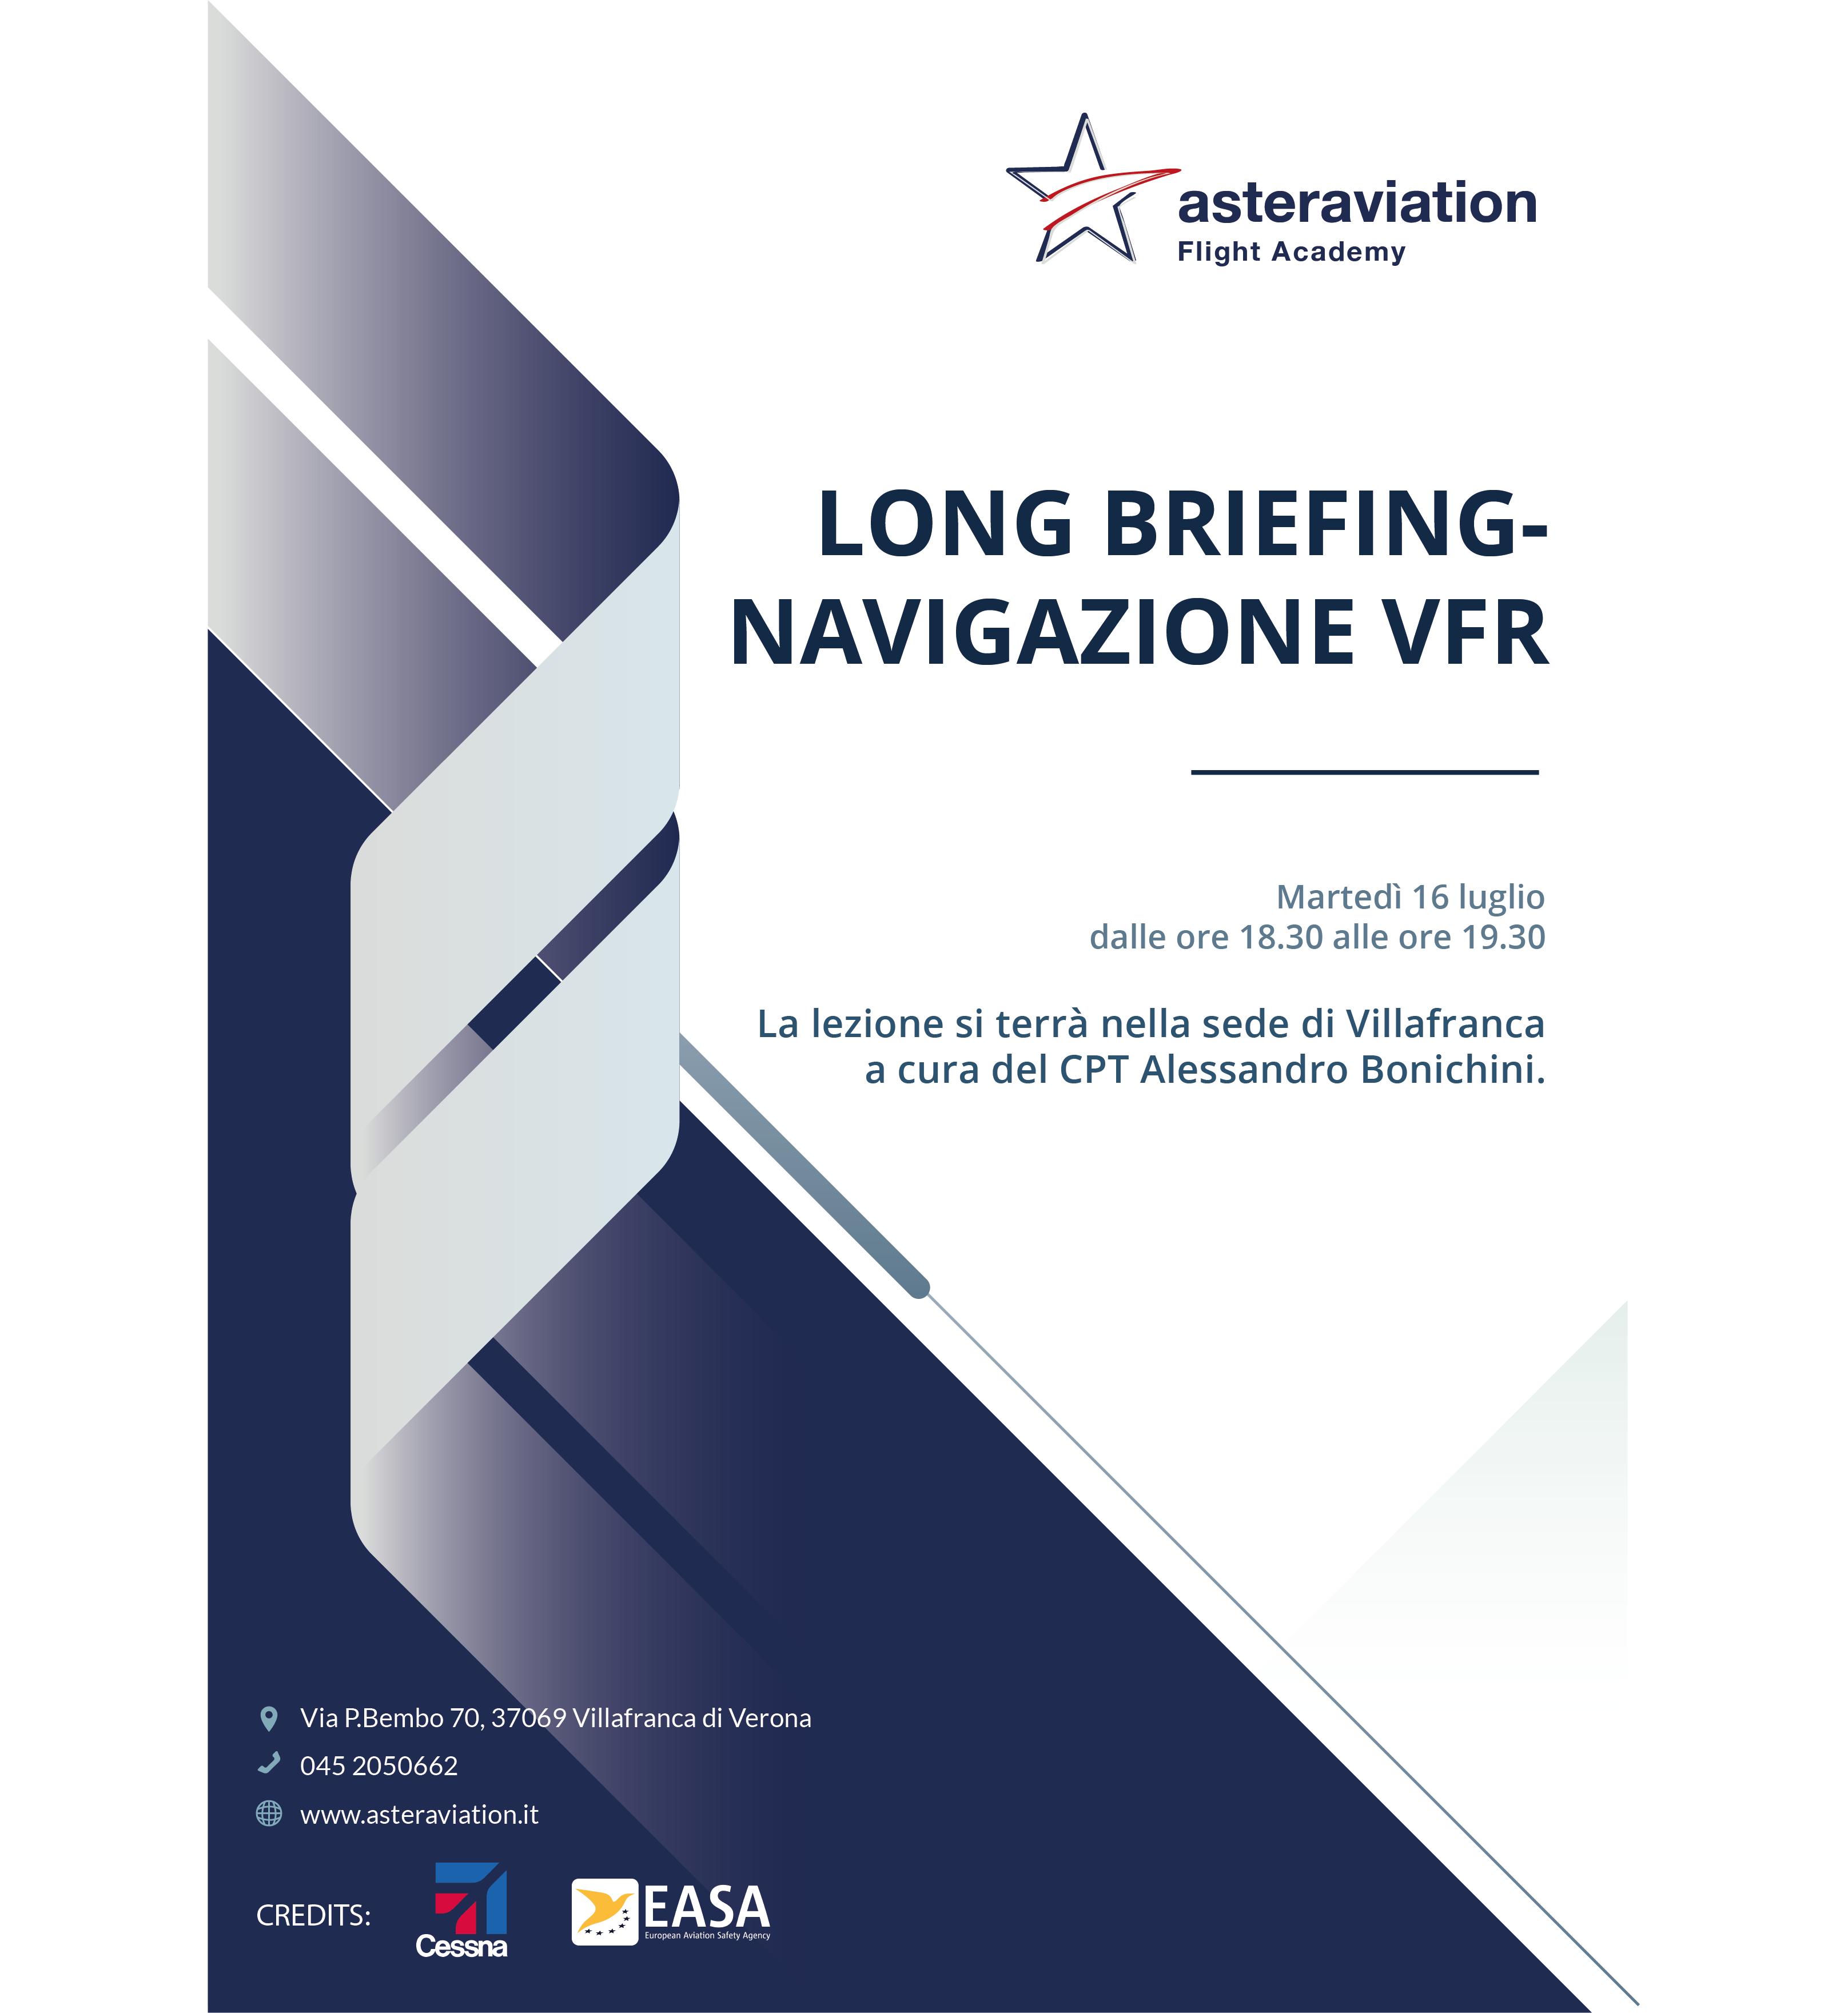 Lezione di long briefing e navigazione presso Asteraviation